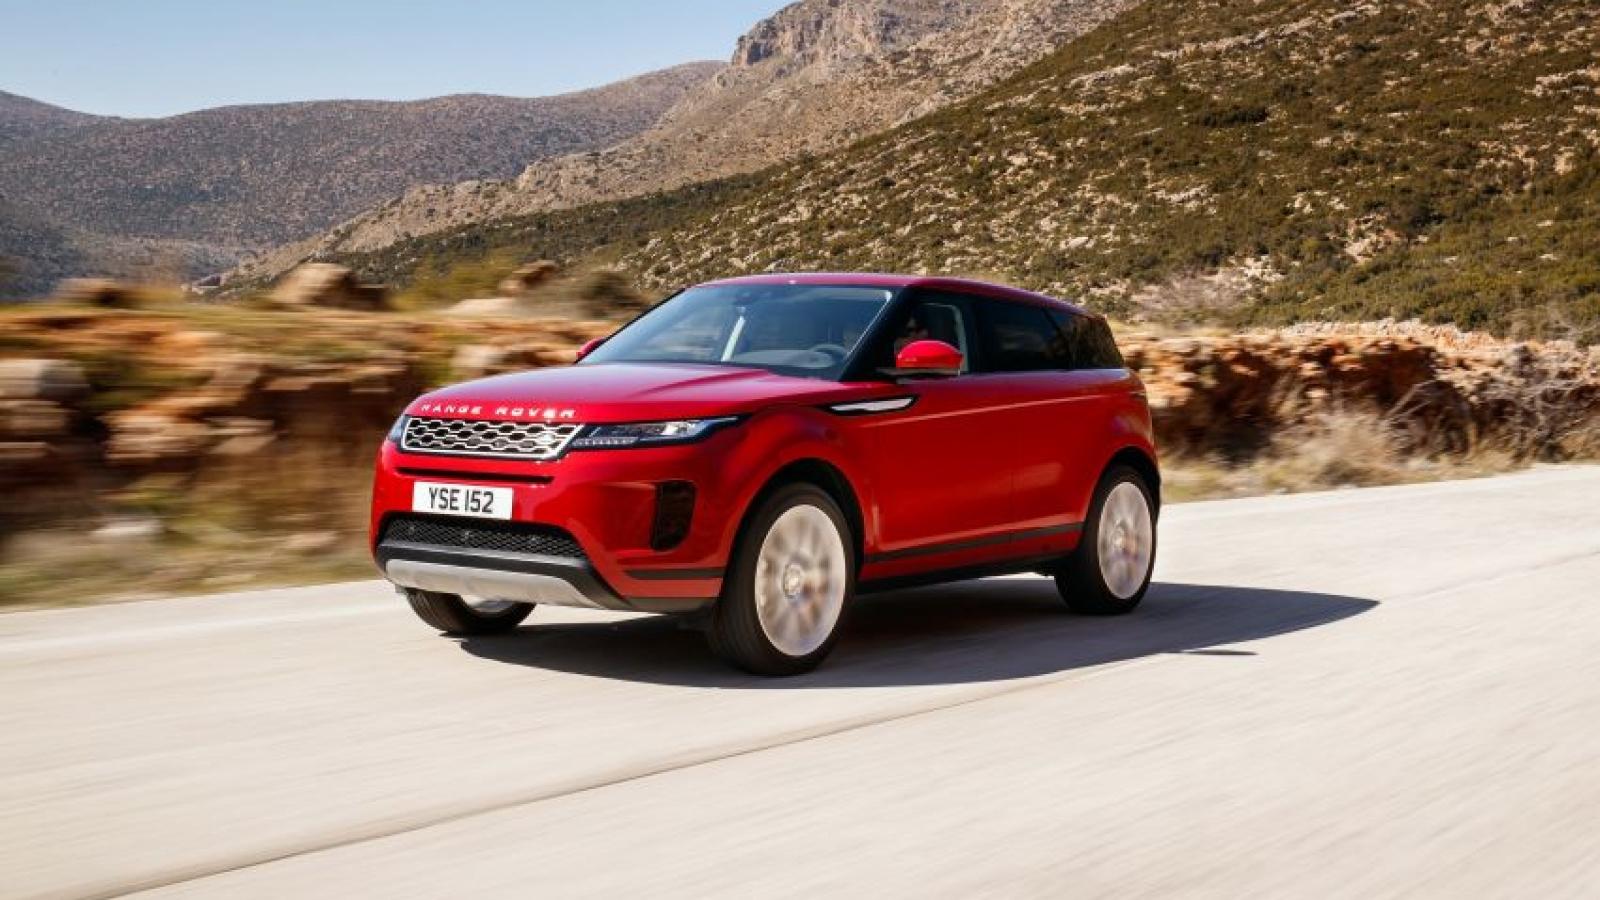 Range Rover Evoque mới sắp ra mắt tại Malaysia có gì khác biệt?